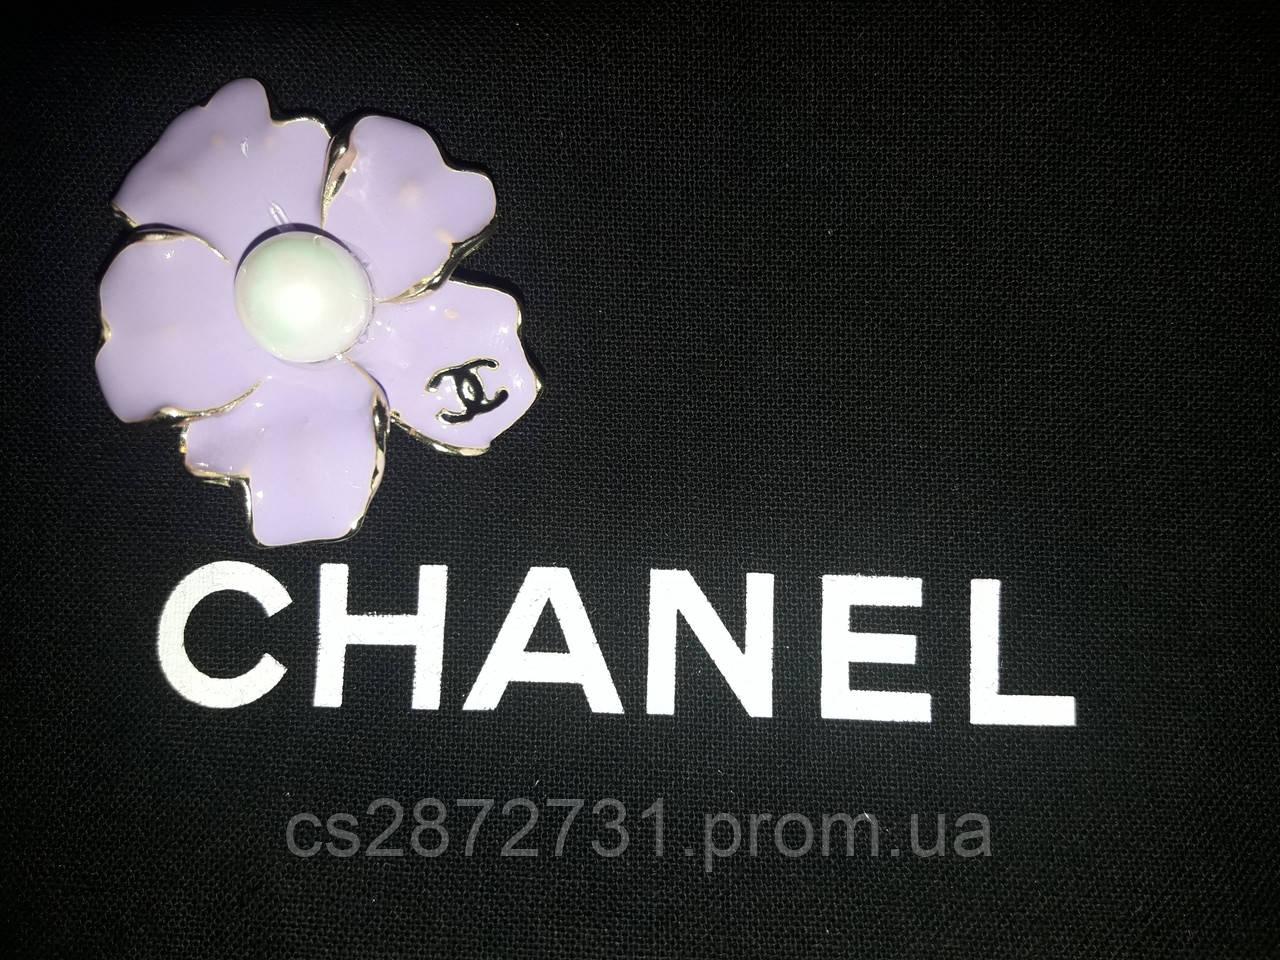 Брошь, цветок , легкая, эксклюзивная, прекрасное украшение на платье,жакет,сарафан, костюм.